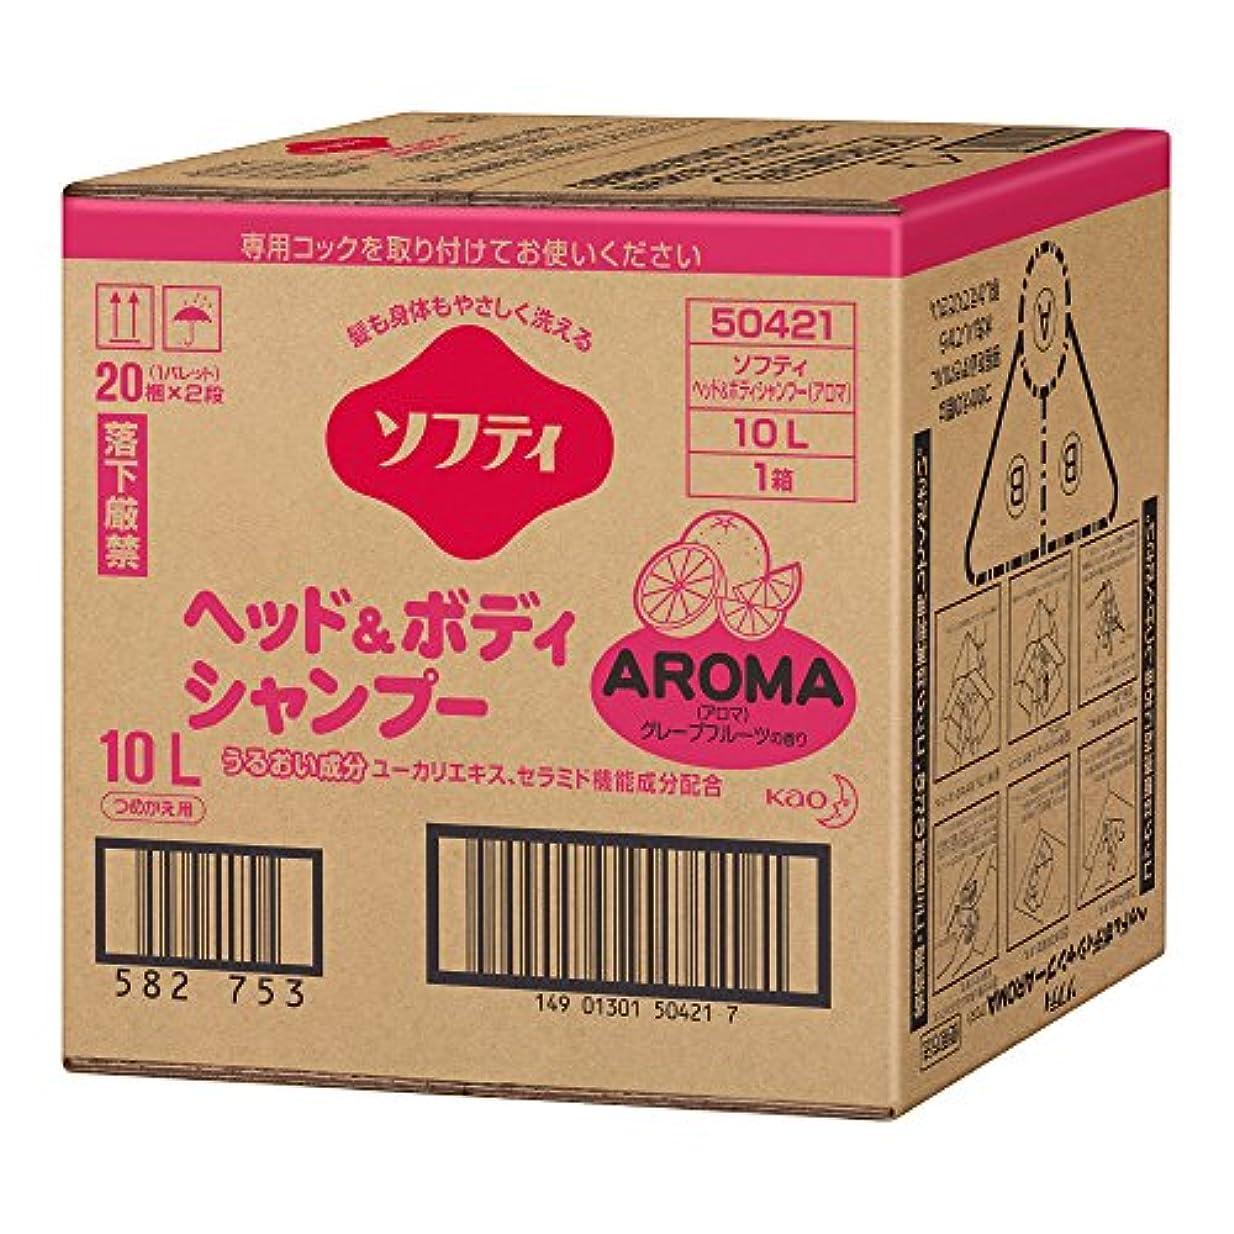 寂しい比類なき強打ソフティ ヘッド&ボディシャンプーAROMA(アロマ) 10L バッグインボックスタイプ (花王プロフェッショナルシリーズ)